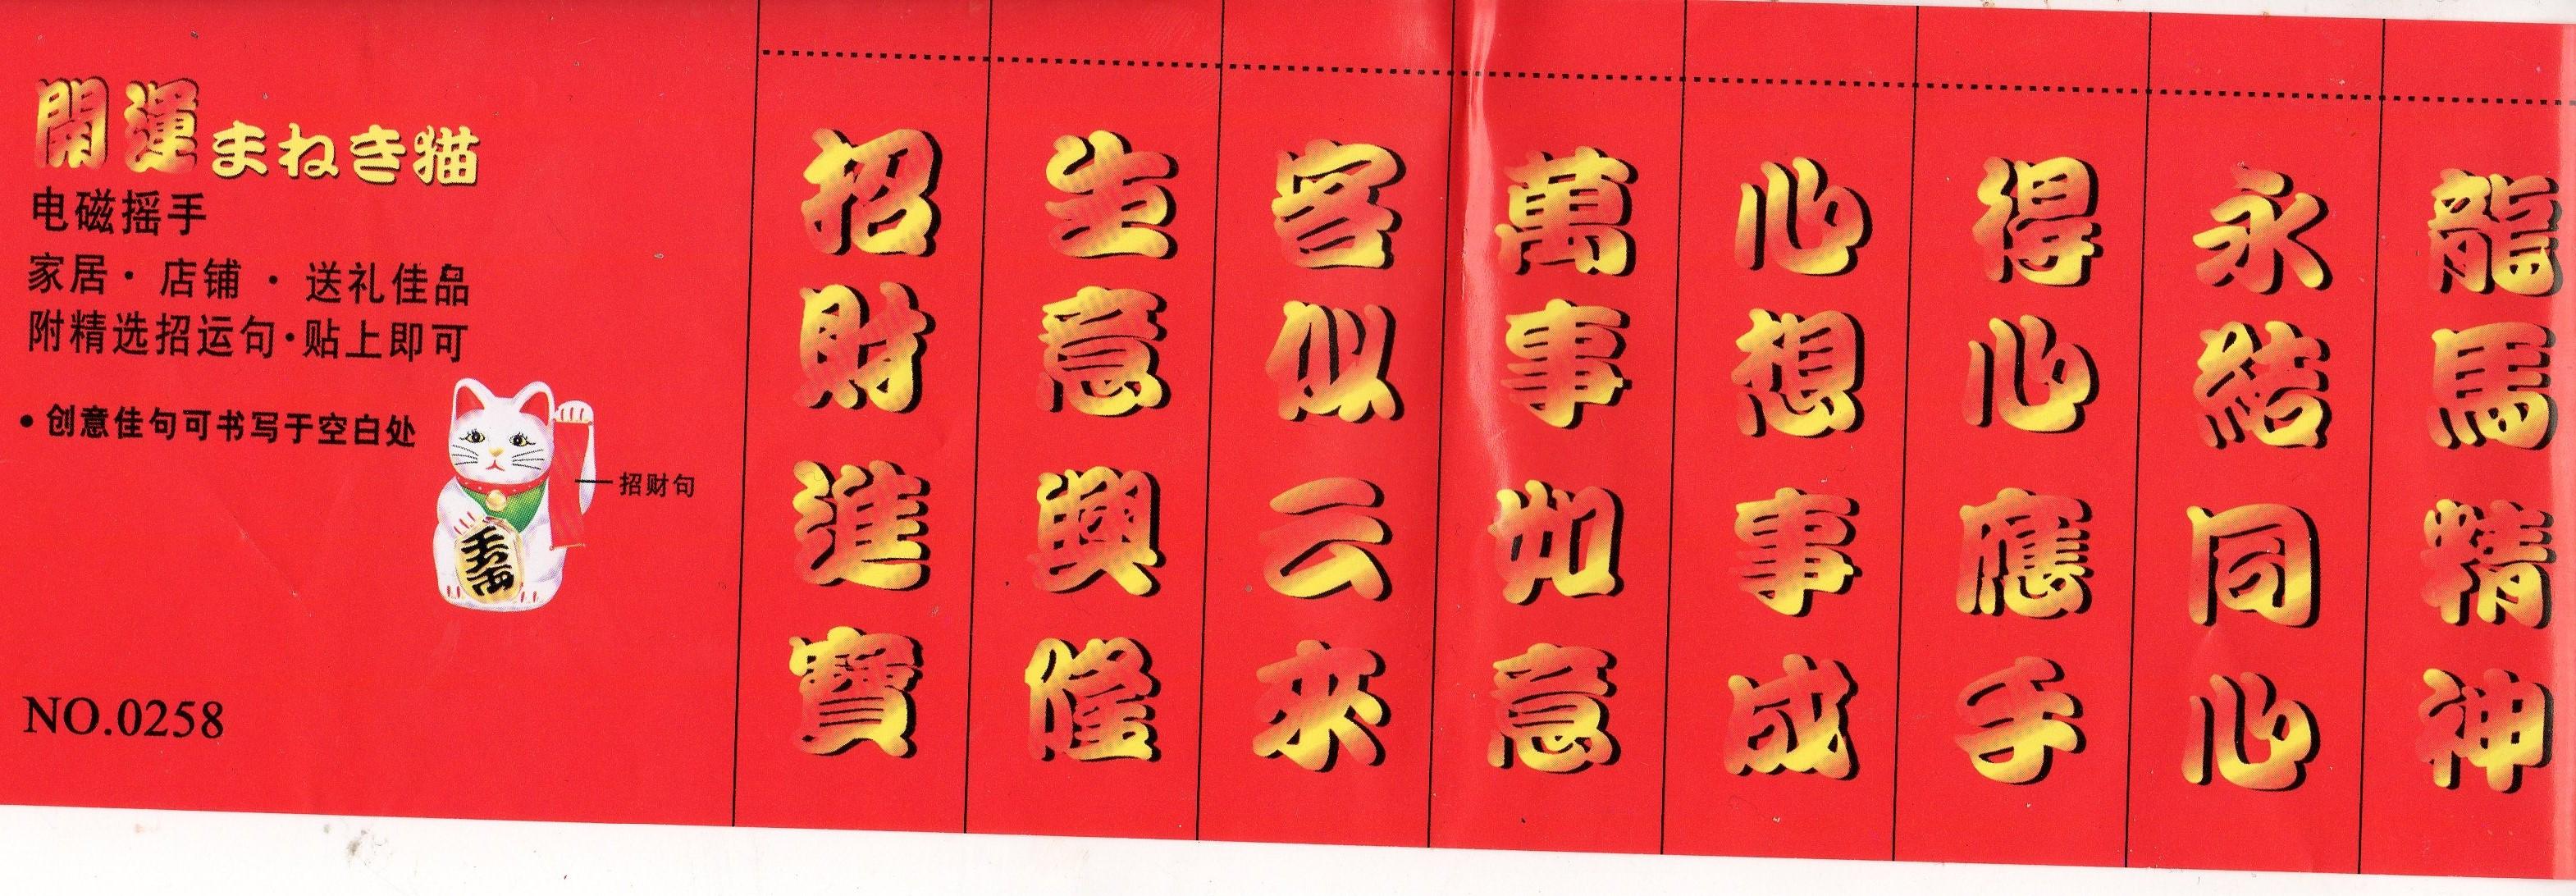 Winkekatze Bedeutung was steht dort kann das einer lesen uebersetzung schrift japanisch